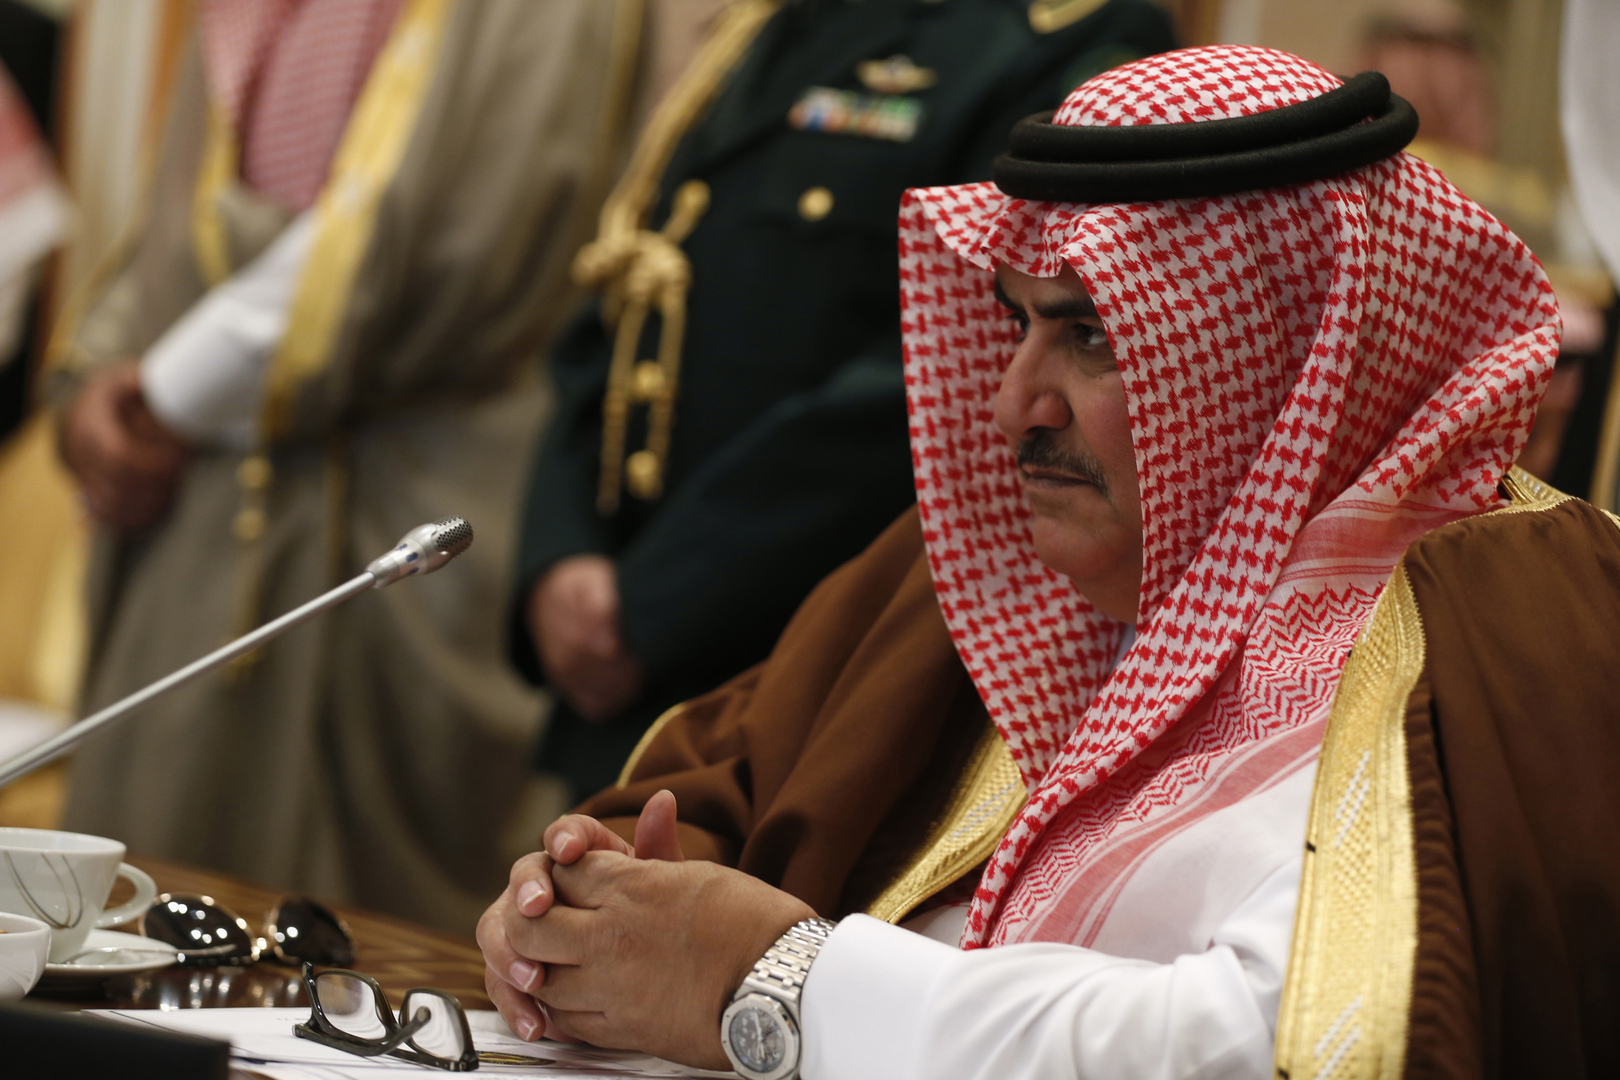 خالد بن أحمد آل خليفة: العلاقات مع إسرائيل تخدم أمن المنطقة